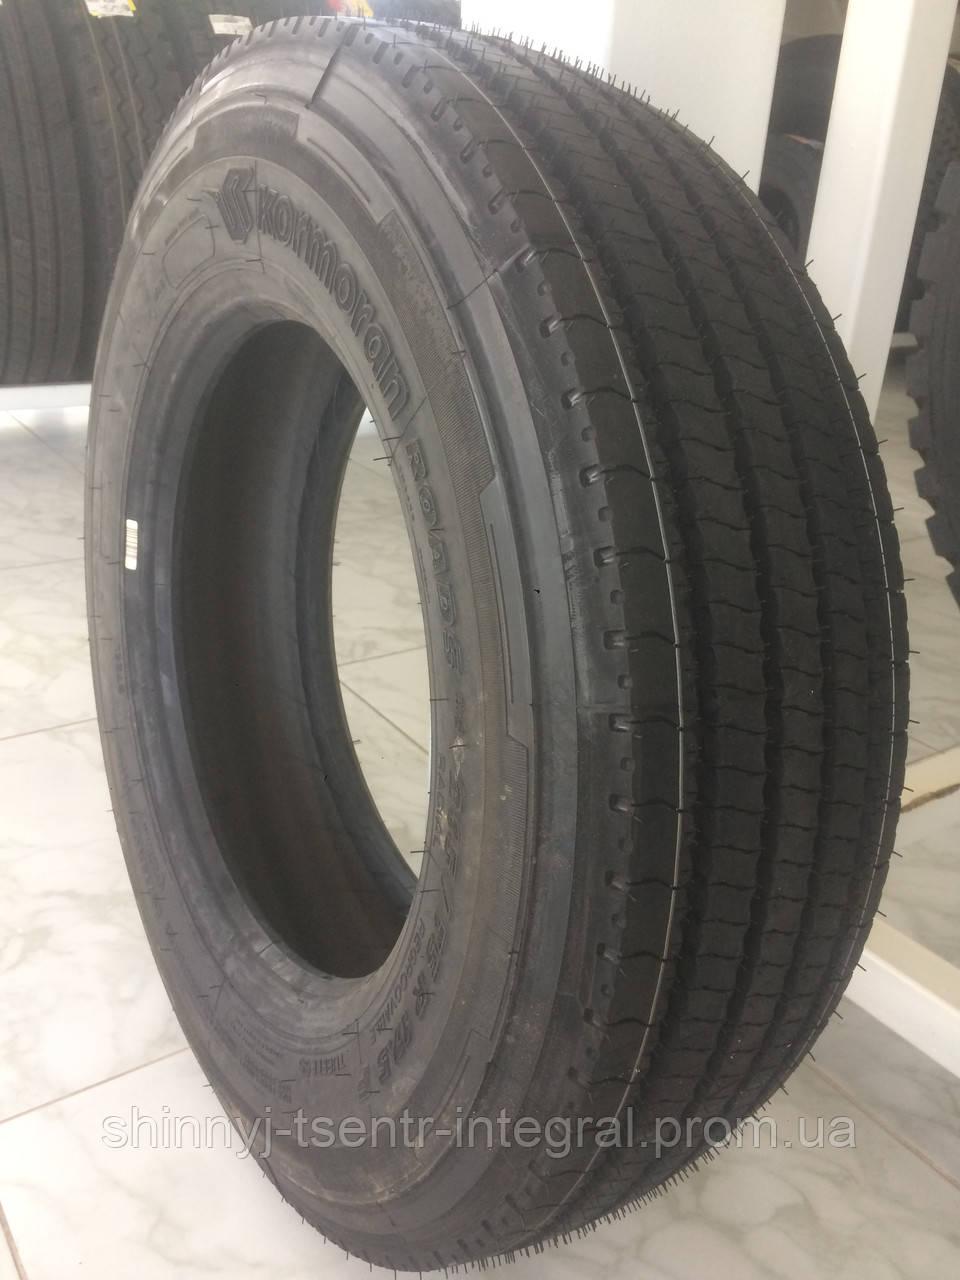 Шины автомобильные грузовые 295/80 R22.5 KORMORAN ROADS 2S TL 152/148 М (рулевая)